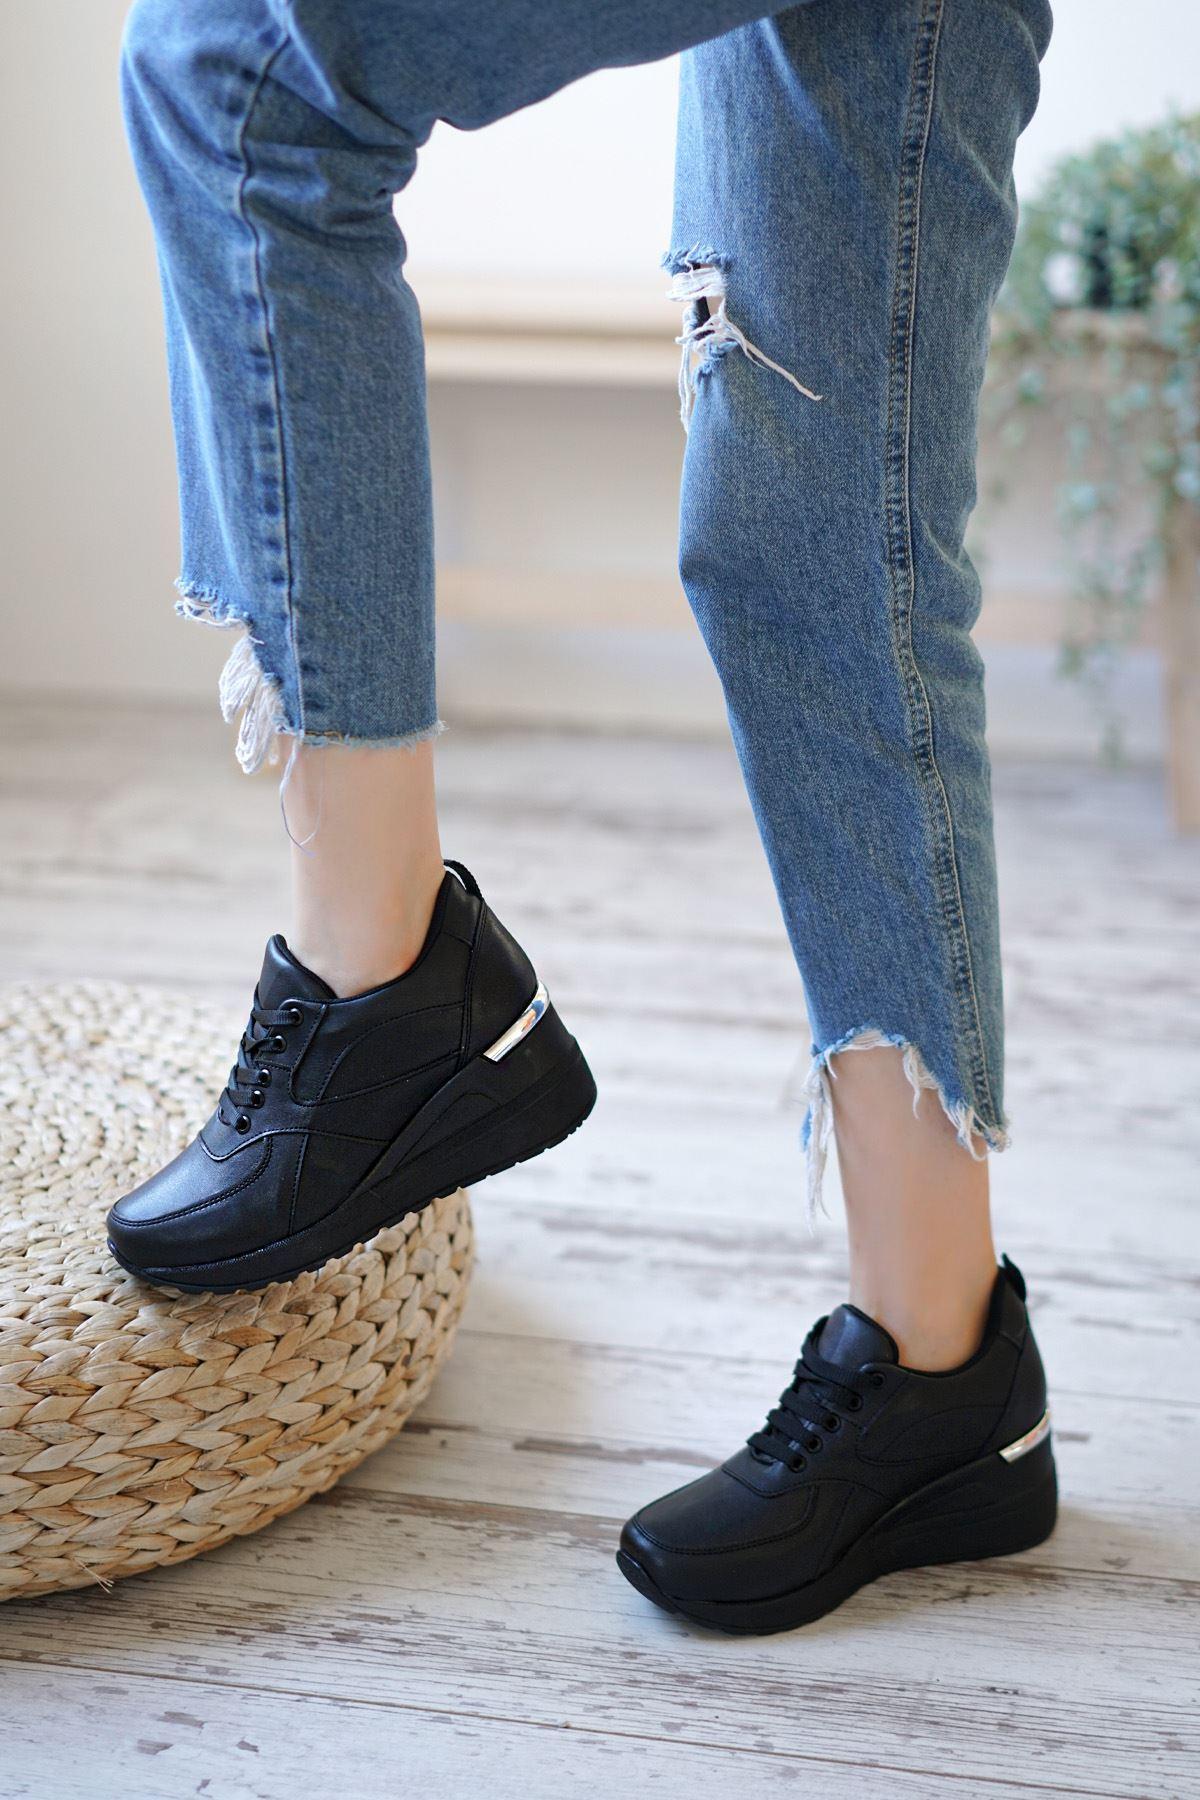 Esvora Siyah Mat Deri Dolgu Topuk Kadın Spor Ayakkabı